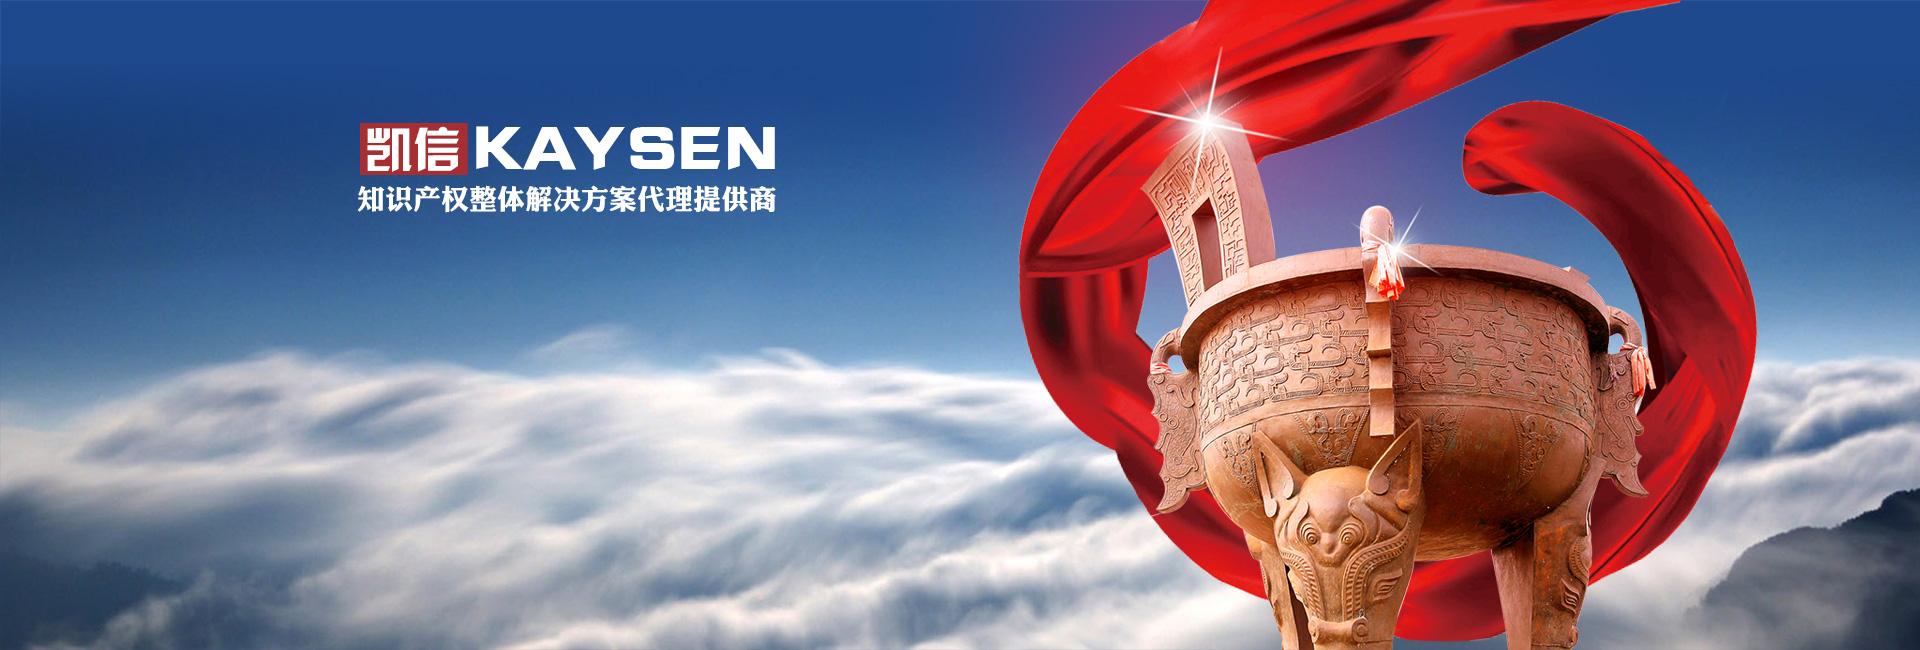 广东凯信知识产权代理有限公司案列